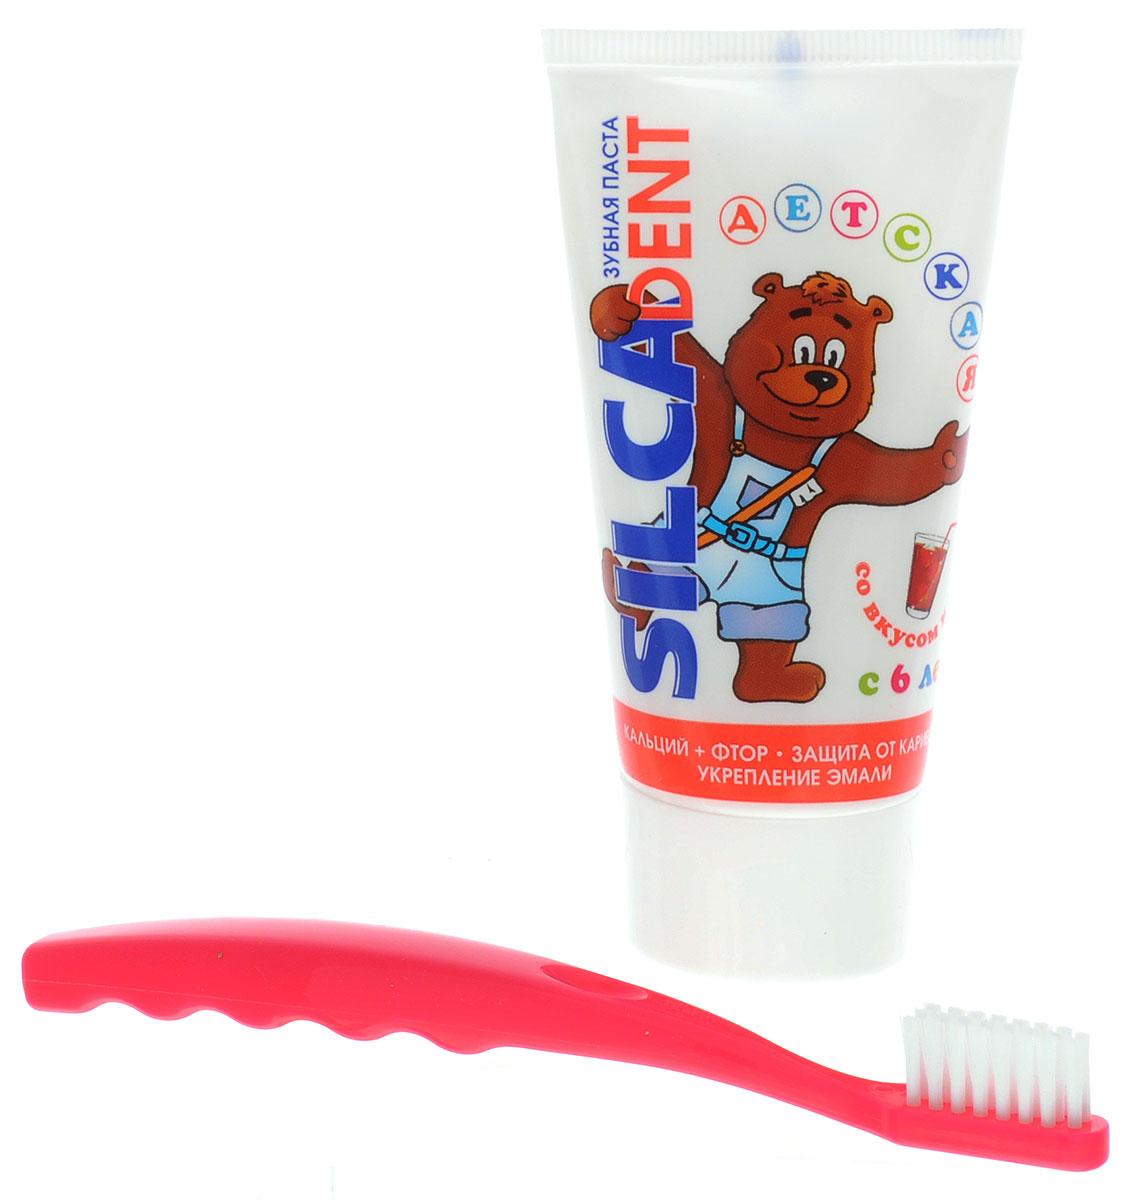 Silca Dent Детская зубная паста со вкусом колы от 6 лет + детская зубная щетка цвет щетки розовый600033_розовыйДетская зубная паста со вкусом колы Silca Dent предназначена для детей от 6 лет.Эффективно удаляет зубной налет, являющийся главной причиной возникновения кариеса. Надолго освежает, оставляя приятное послевкусие. Содержит комплекс фтора и кальция, способствующий укреплению эмали.К зубной пасте прилагается детская зубная щетка. Щетка предназначена для детей от 2 до 7 лет. Оптимальной формы головка с тщательно закругленной щетиной, обеспечивает бережный уход за зубами и не травмирует чувствительные детские десна.